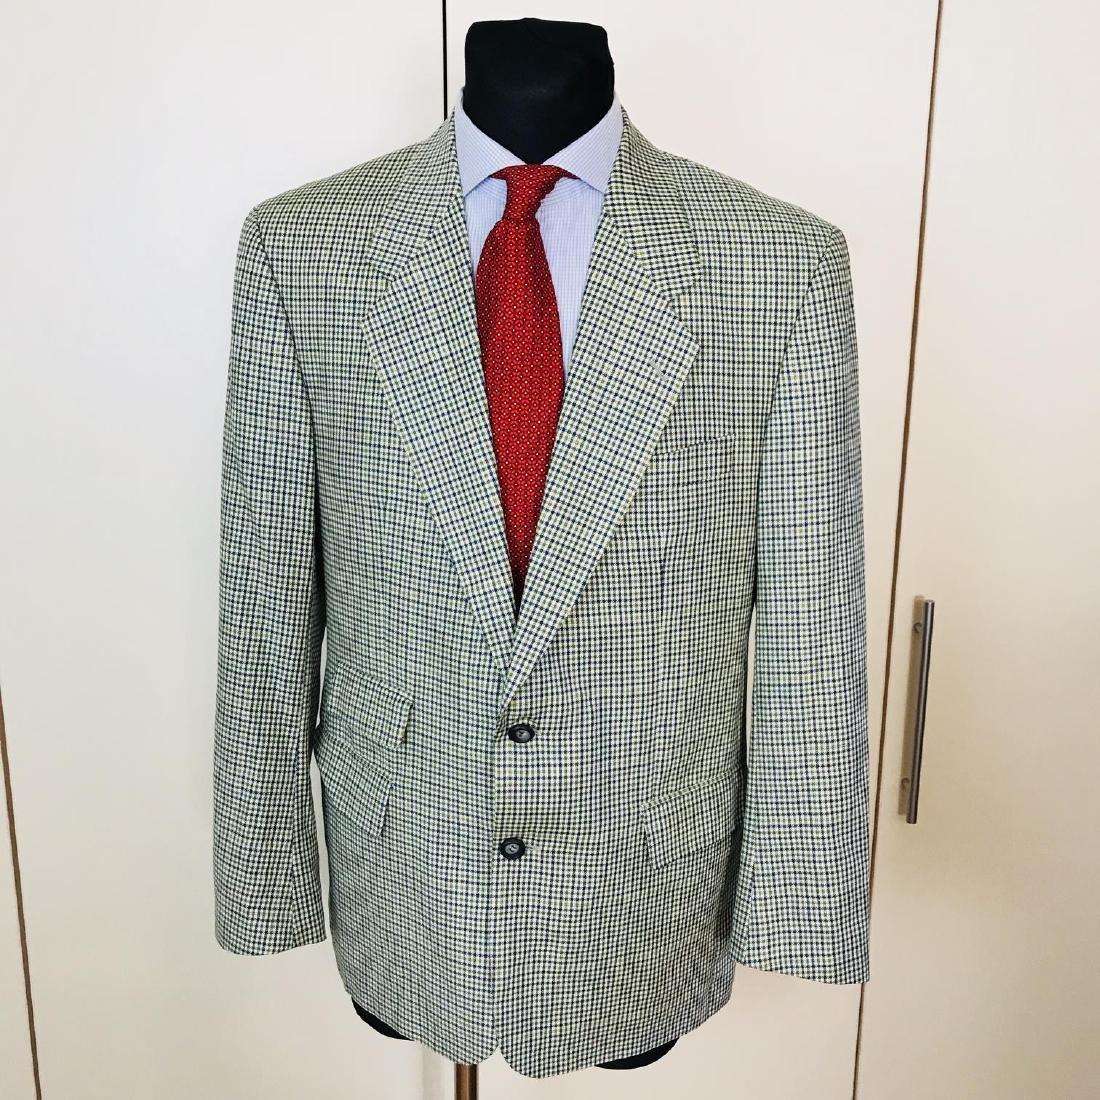 Vintage Men's Pierre Cardin Paris Jacket Blazer Size US